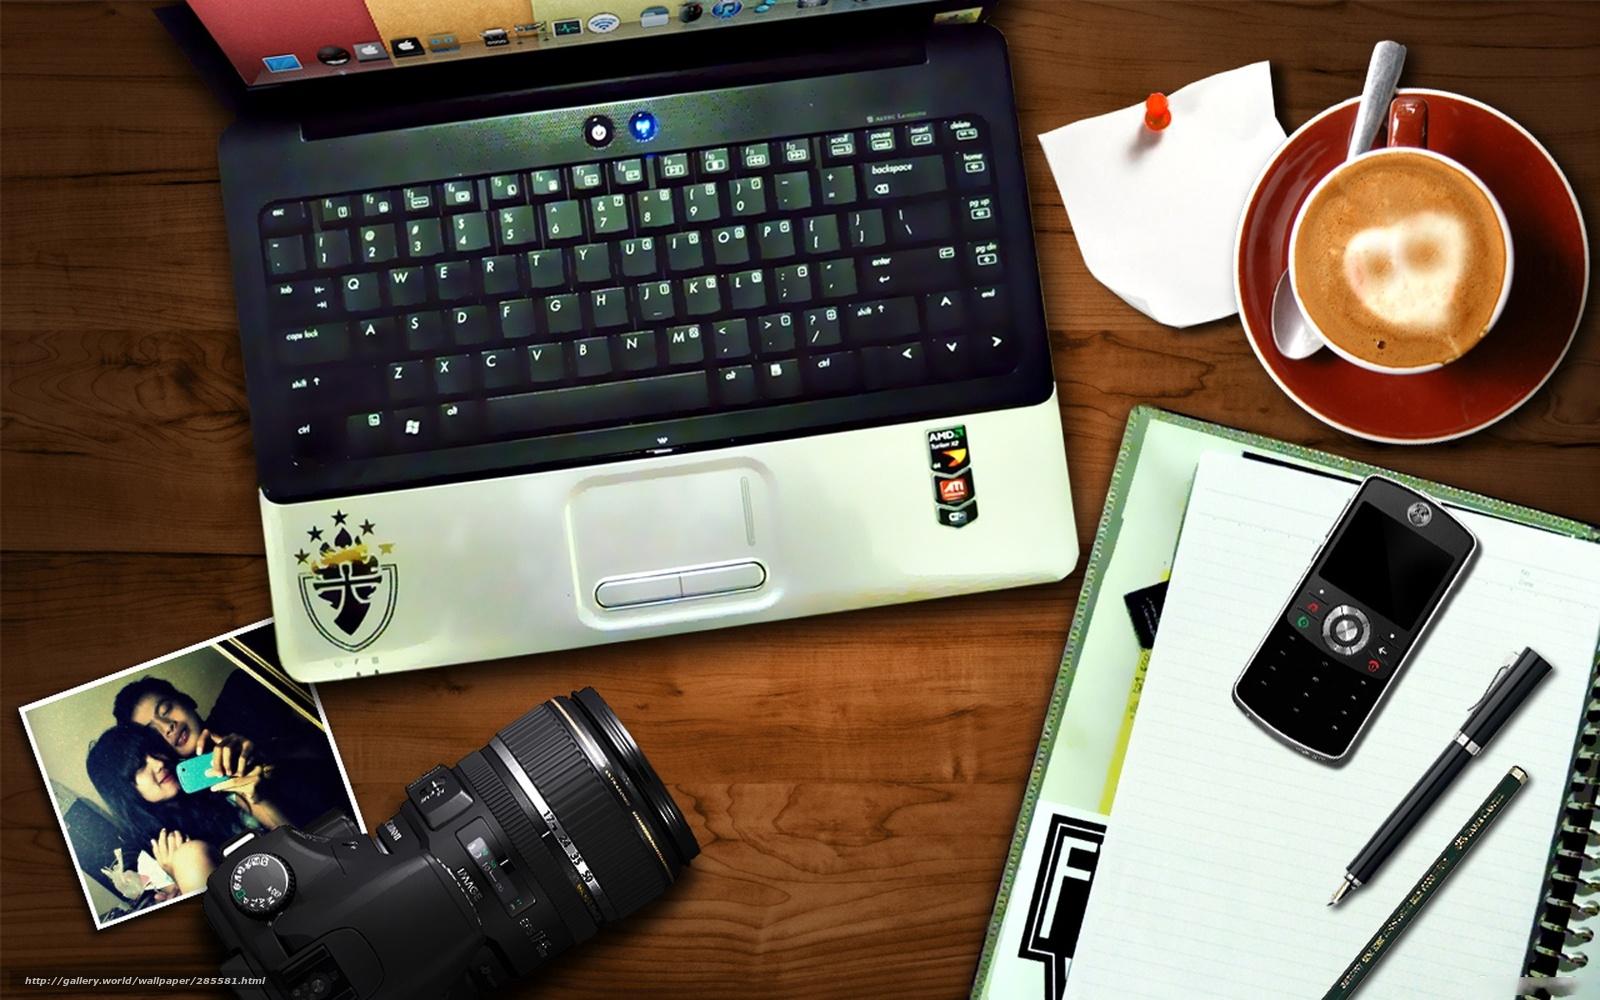 Фото с украденных фотоаппаратов и ноутбуков 4 фотография